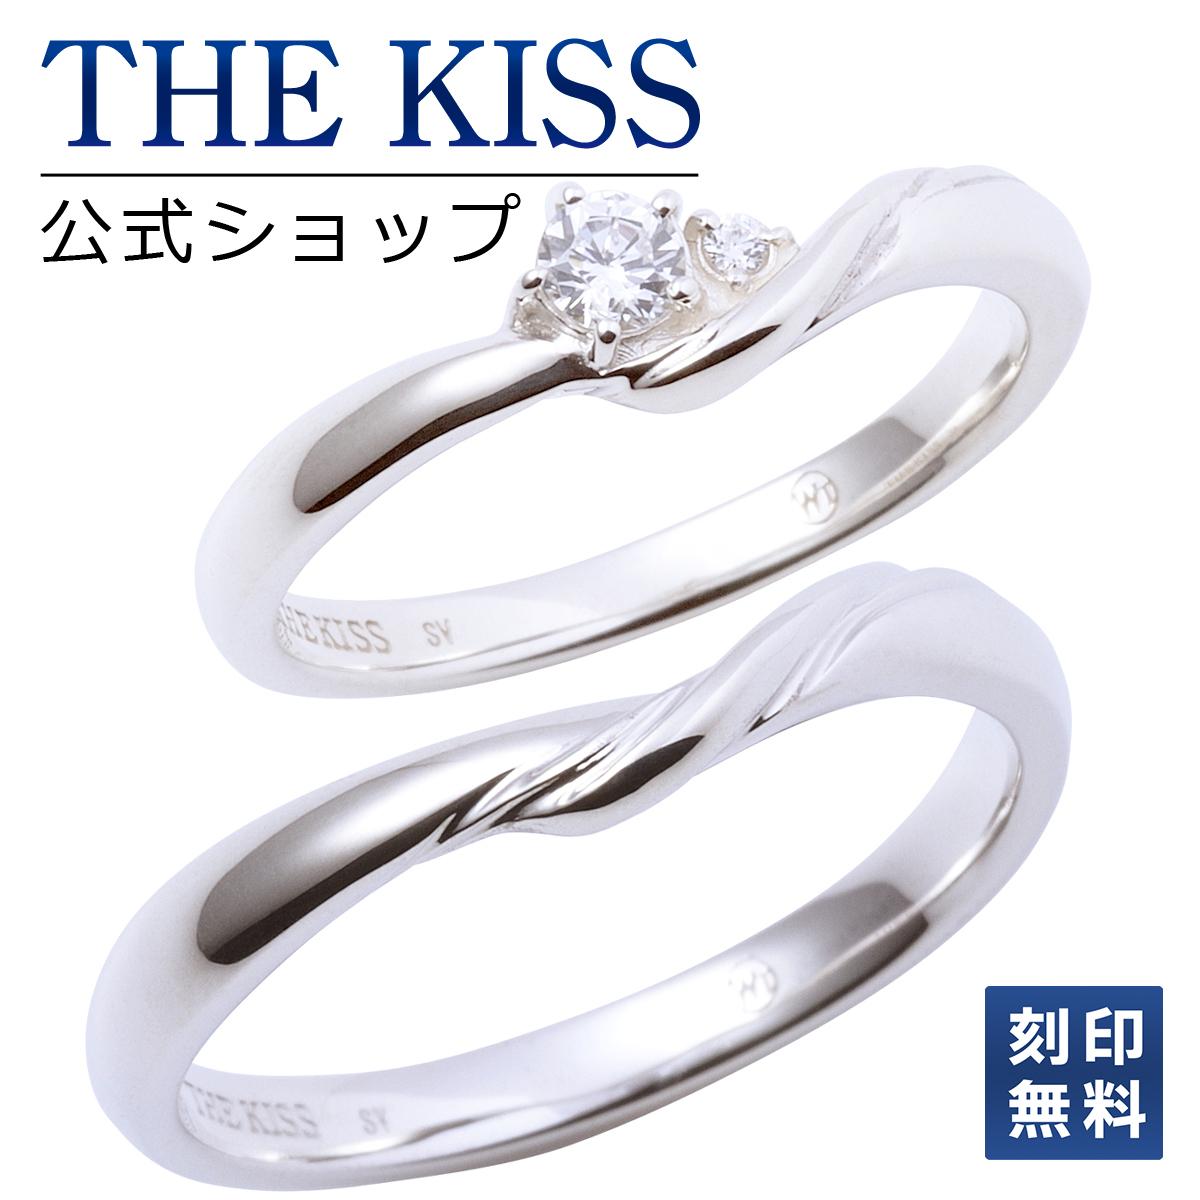 【刻印可_3文字】【あす楽対応】THE KISS 公式サイト シルバー ペアリング ダイヤモンド ペアアクセサリー カップル に 人気 の ジュエリーブランド THEKISS ペア リング・指輪 記念日 プレゼント SR1557WUAS-1558 セット シンプル ザキス 【送料無料】